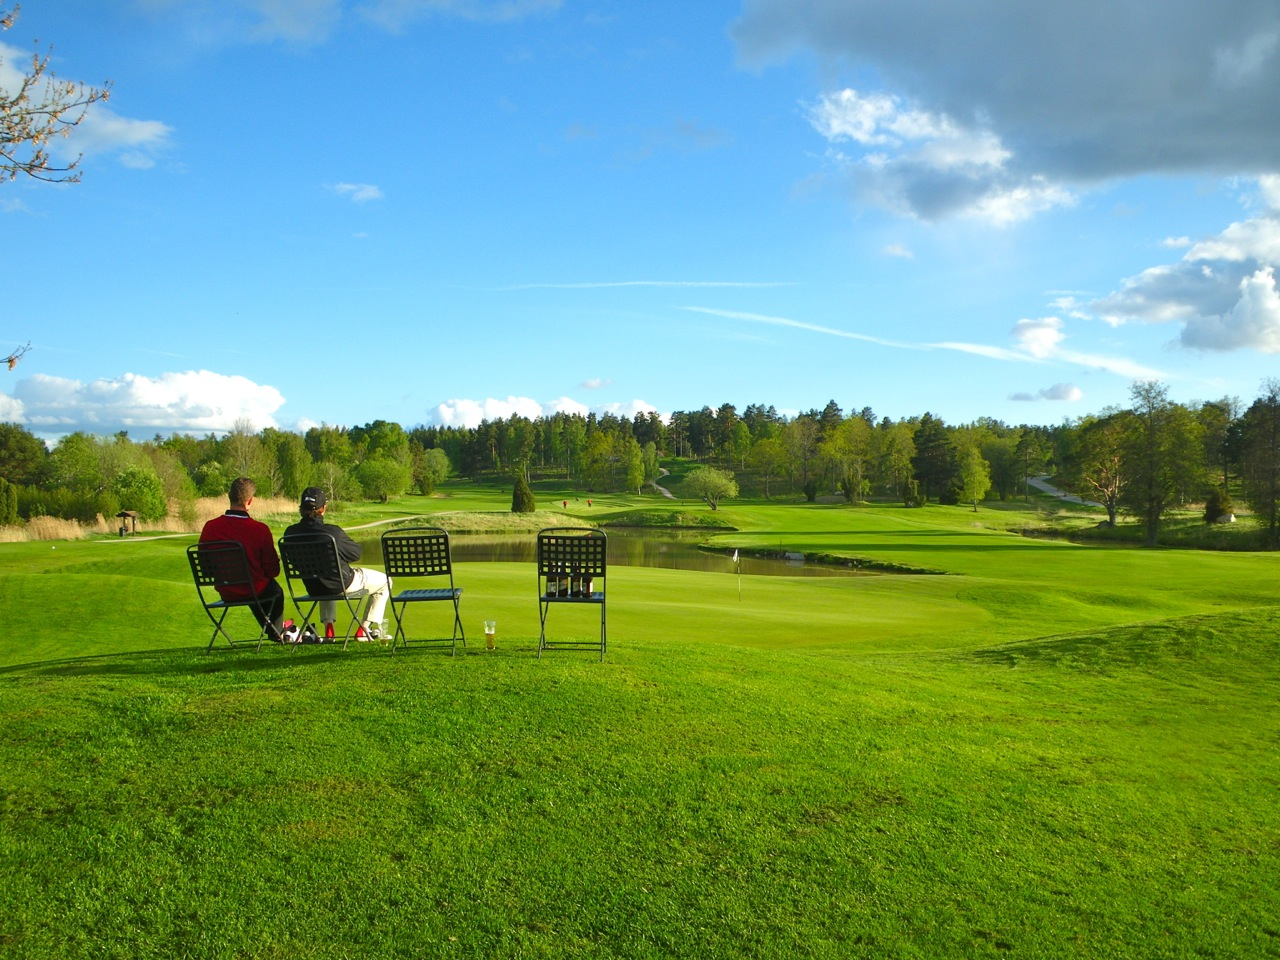 svenska escort golfhallen linköping